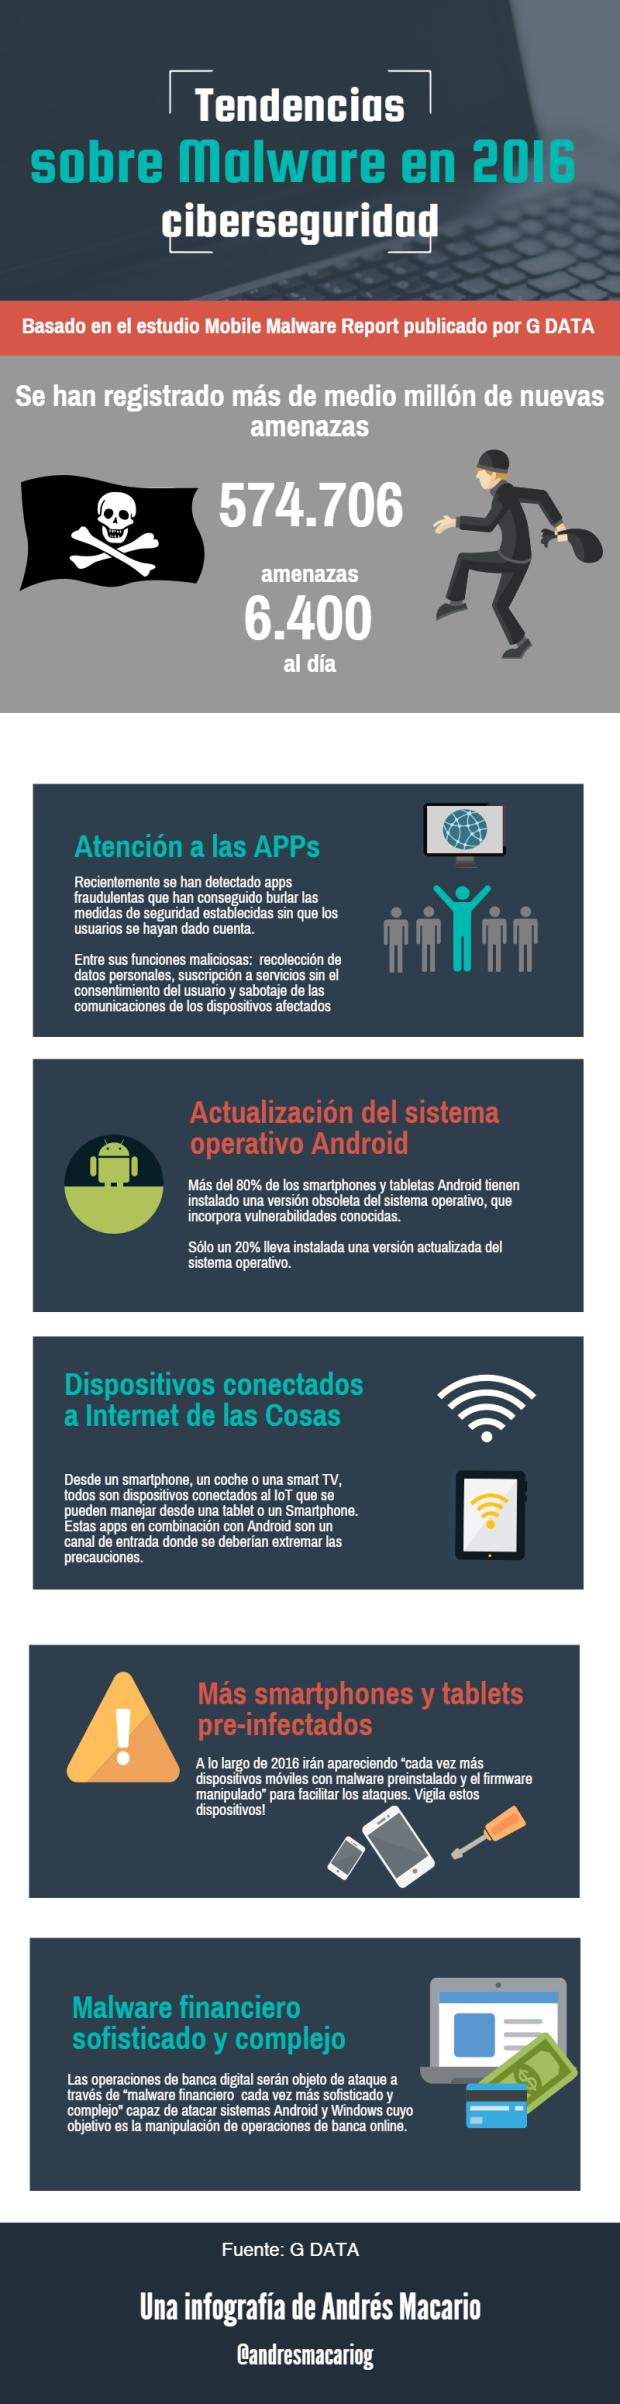 tendencias-sobre-malware-infografia